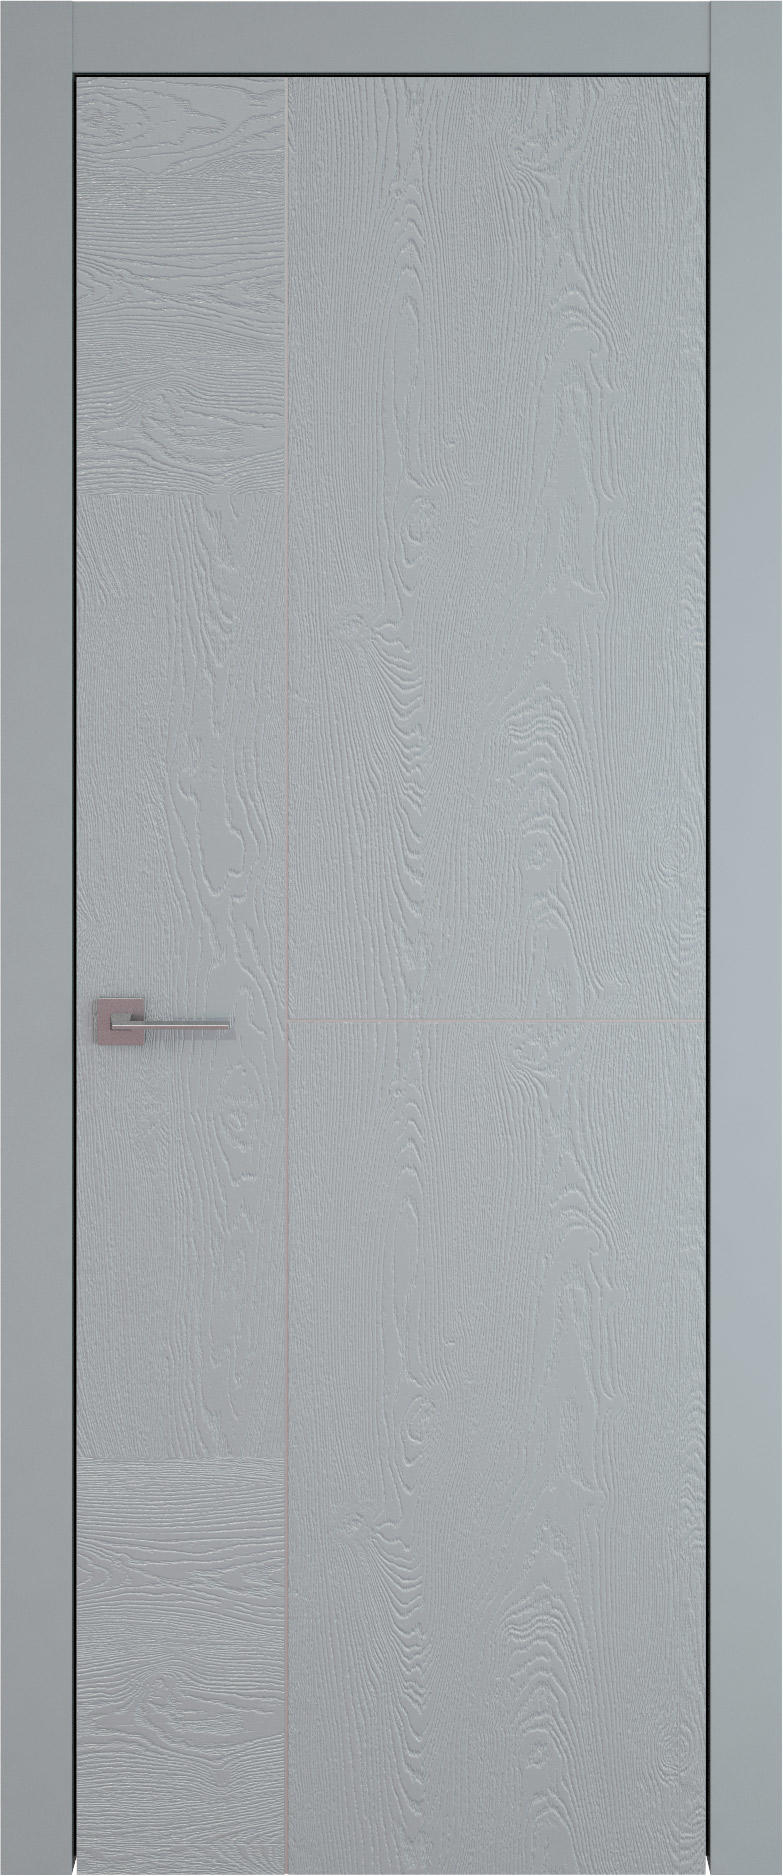 Tivoli Г-1 цвет - Серебристо-серая эмаль по шпону (RAL 7045) Без стекла (ДГ)